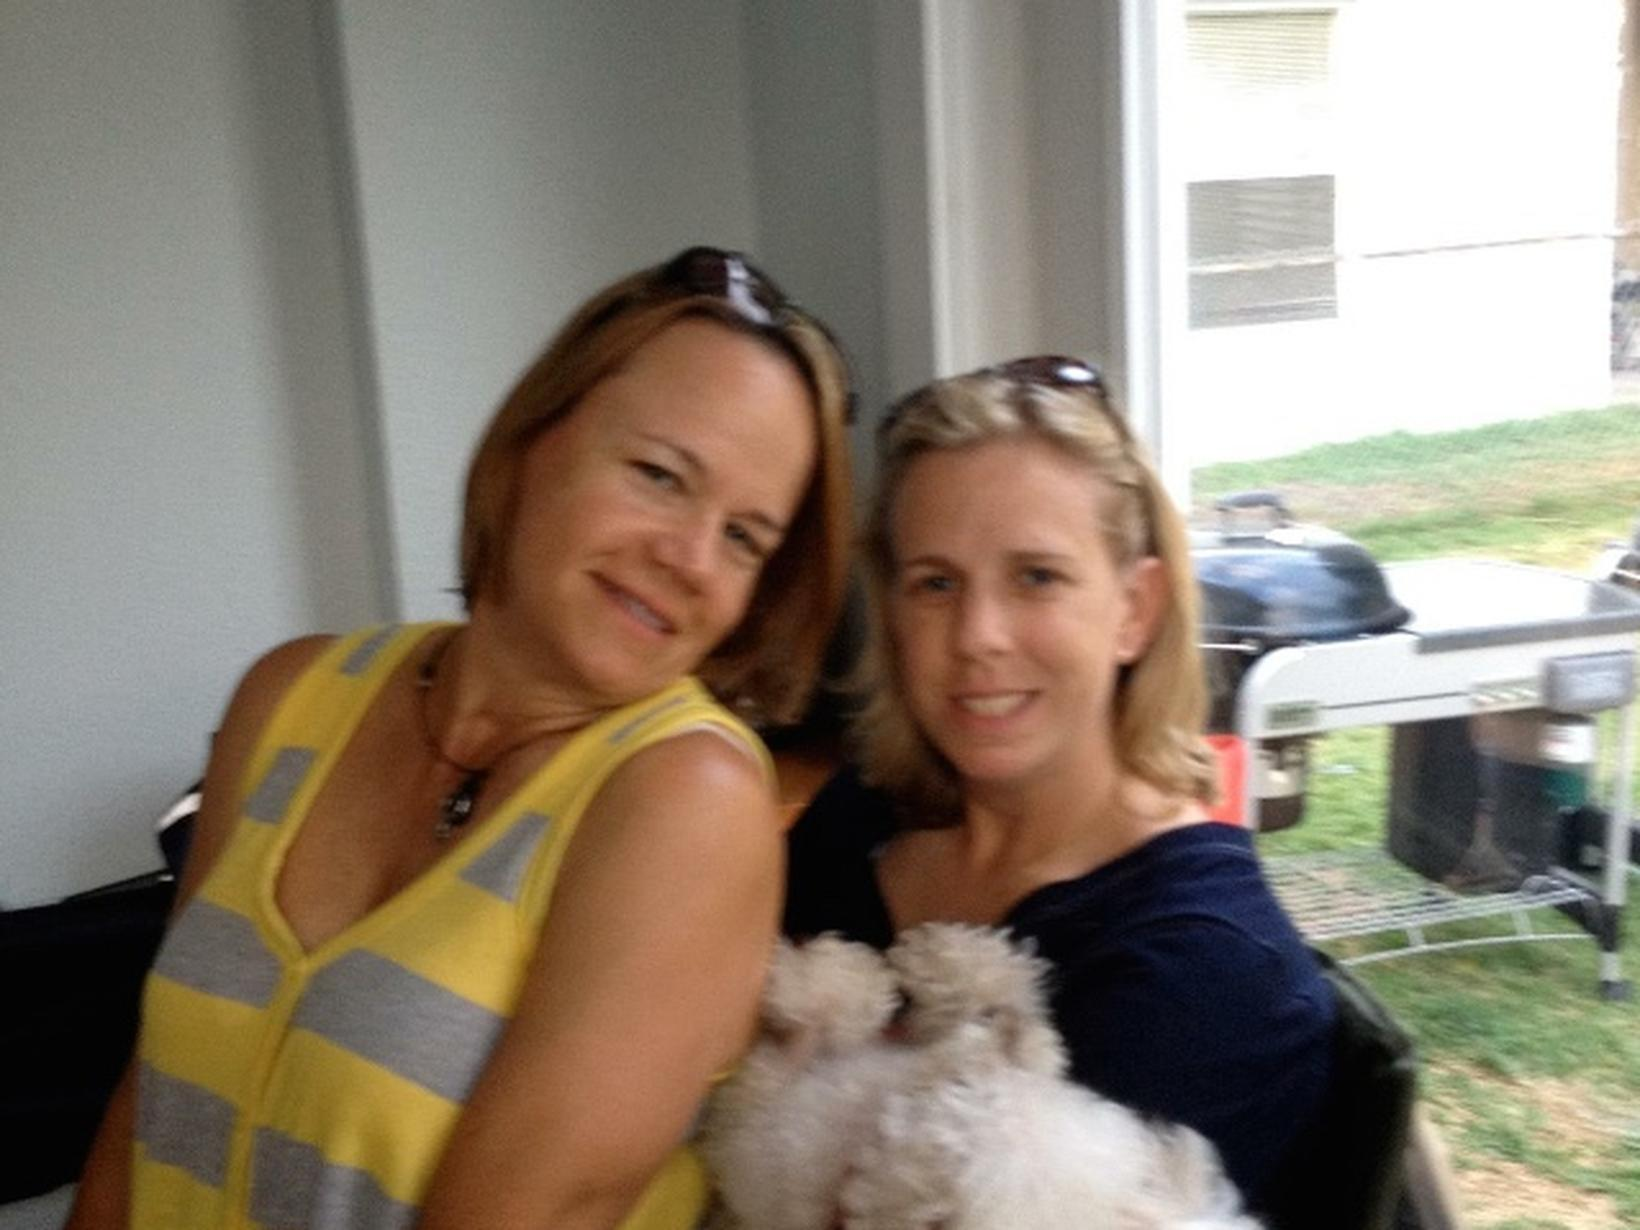 Gina & Sherri from Orlando, Florida, United States